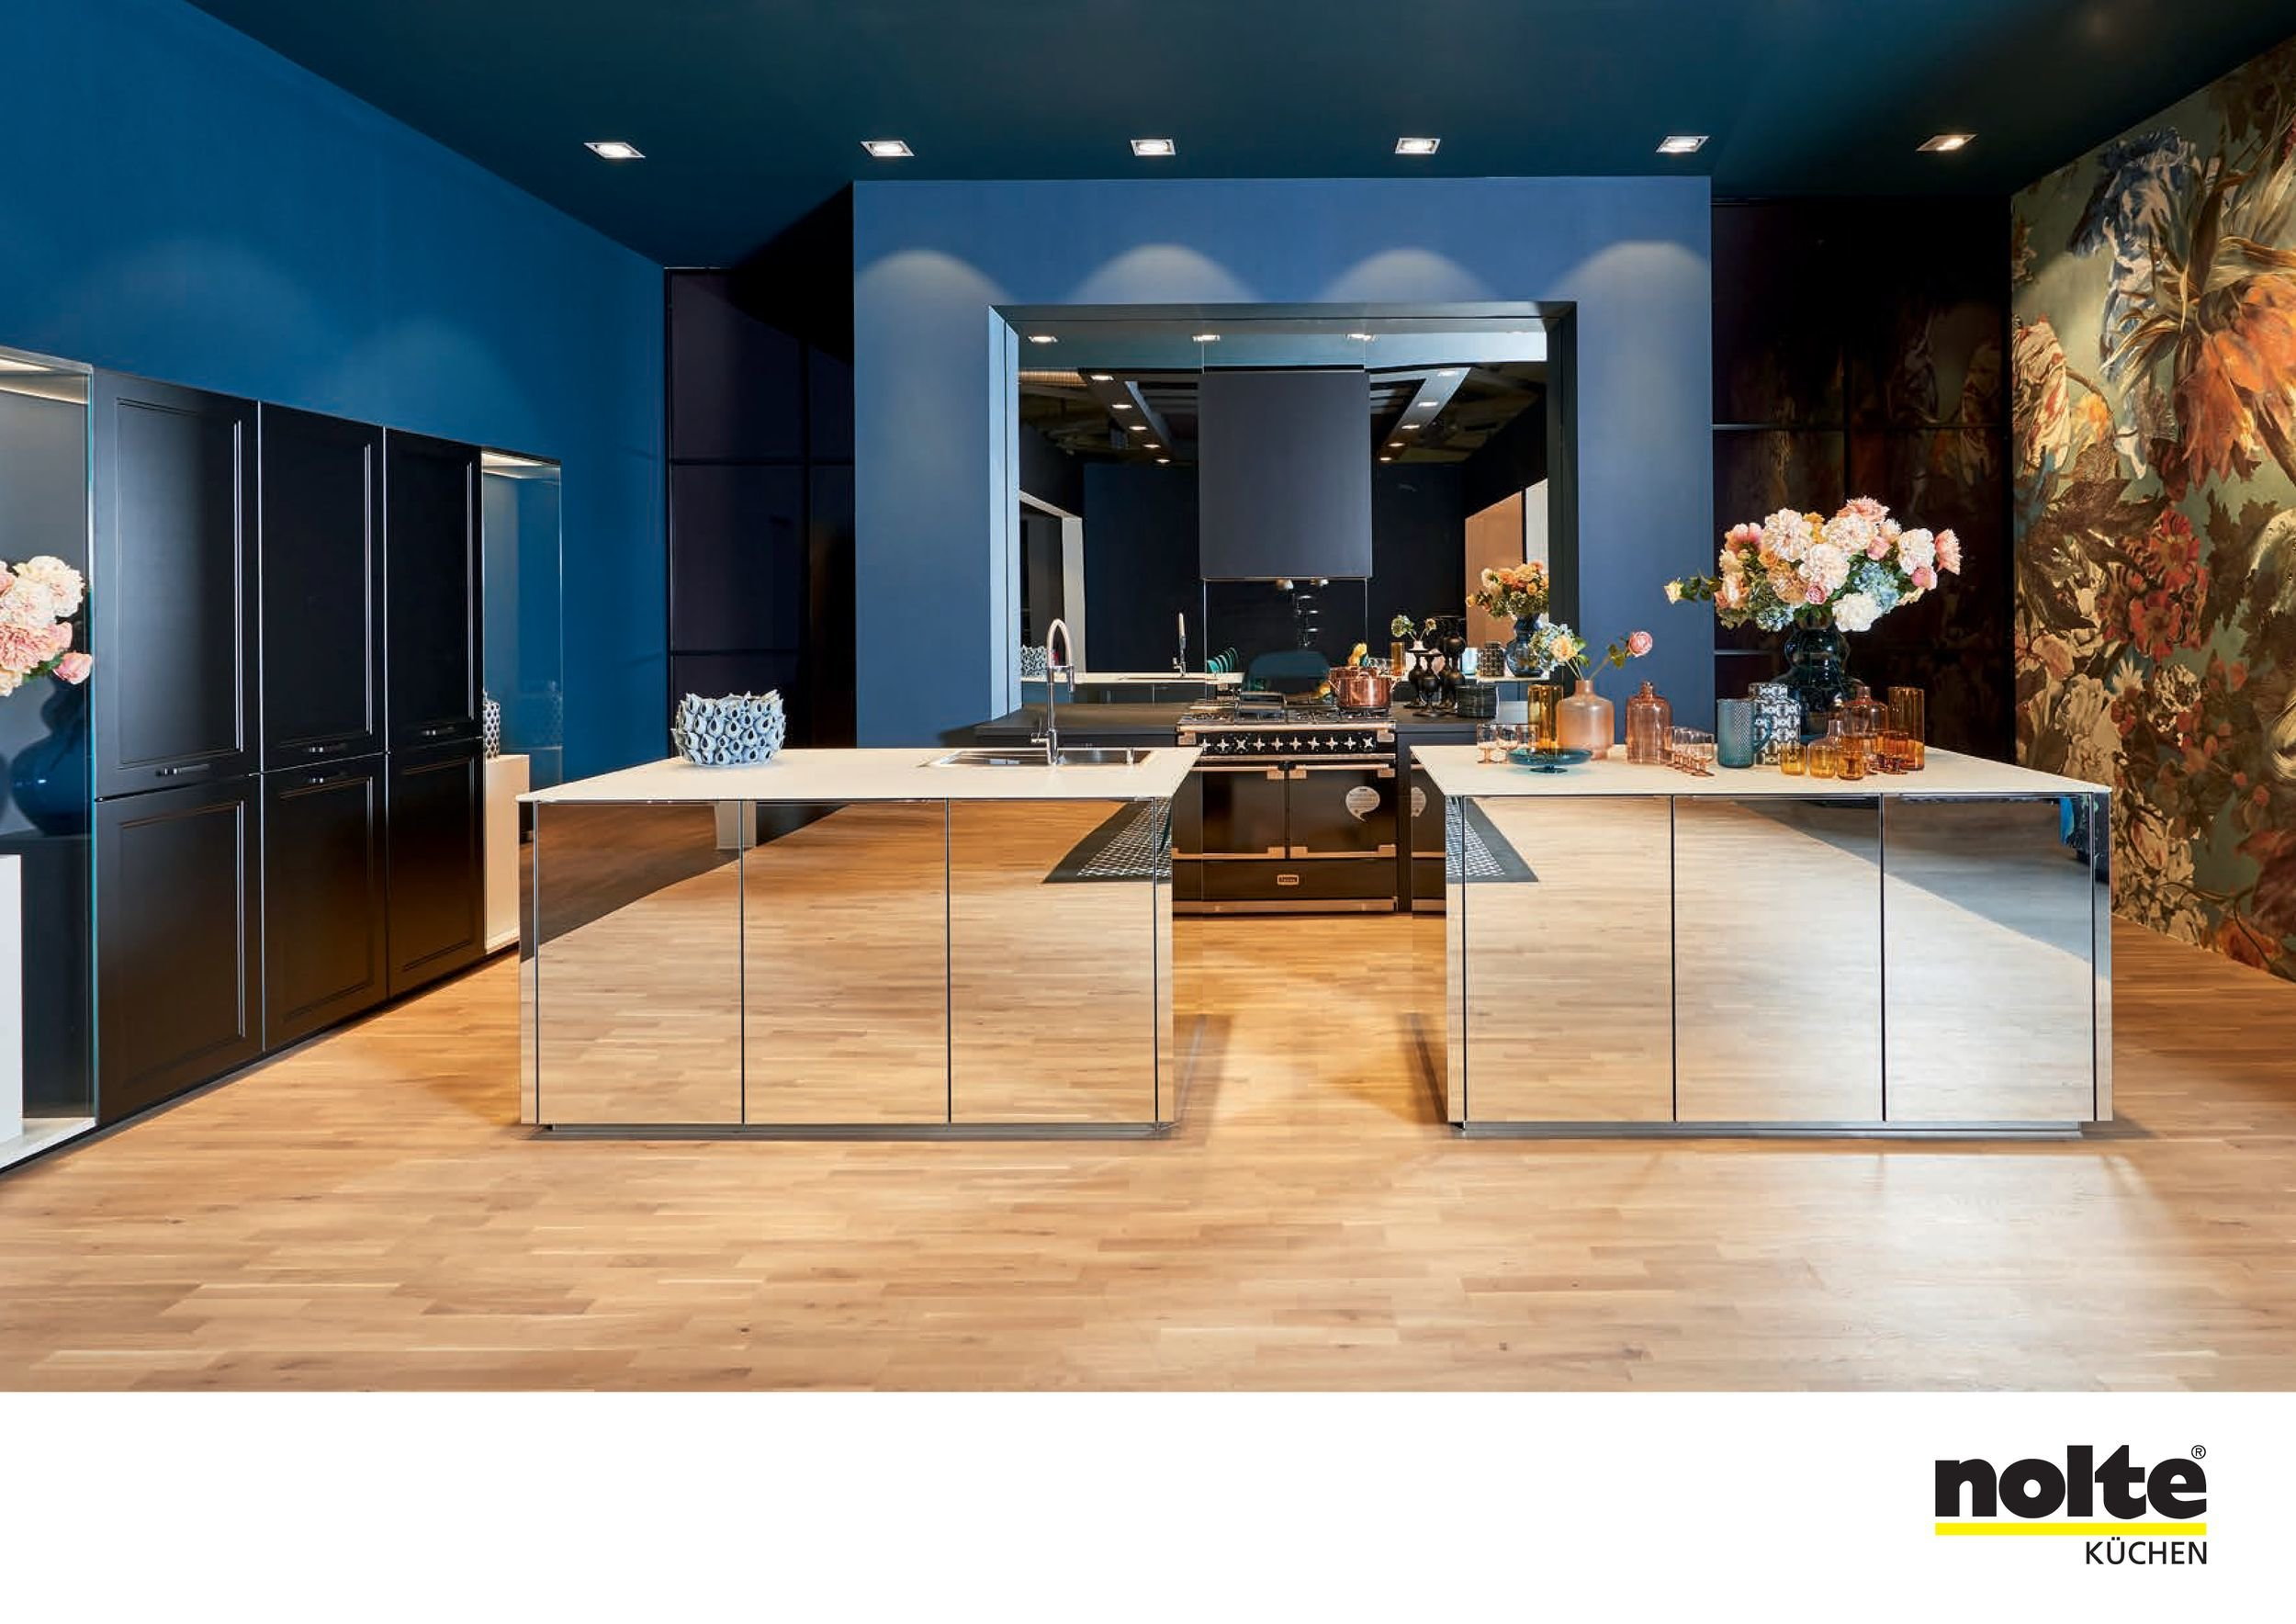 Full Size of Nolte Neo Salon Doppel Inselkche Kchenbrse Immer Preiswerter Müllsystem Küche Wohnzimmer Häcker Müllsystem